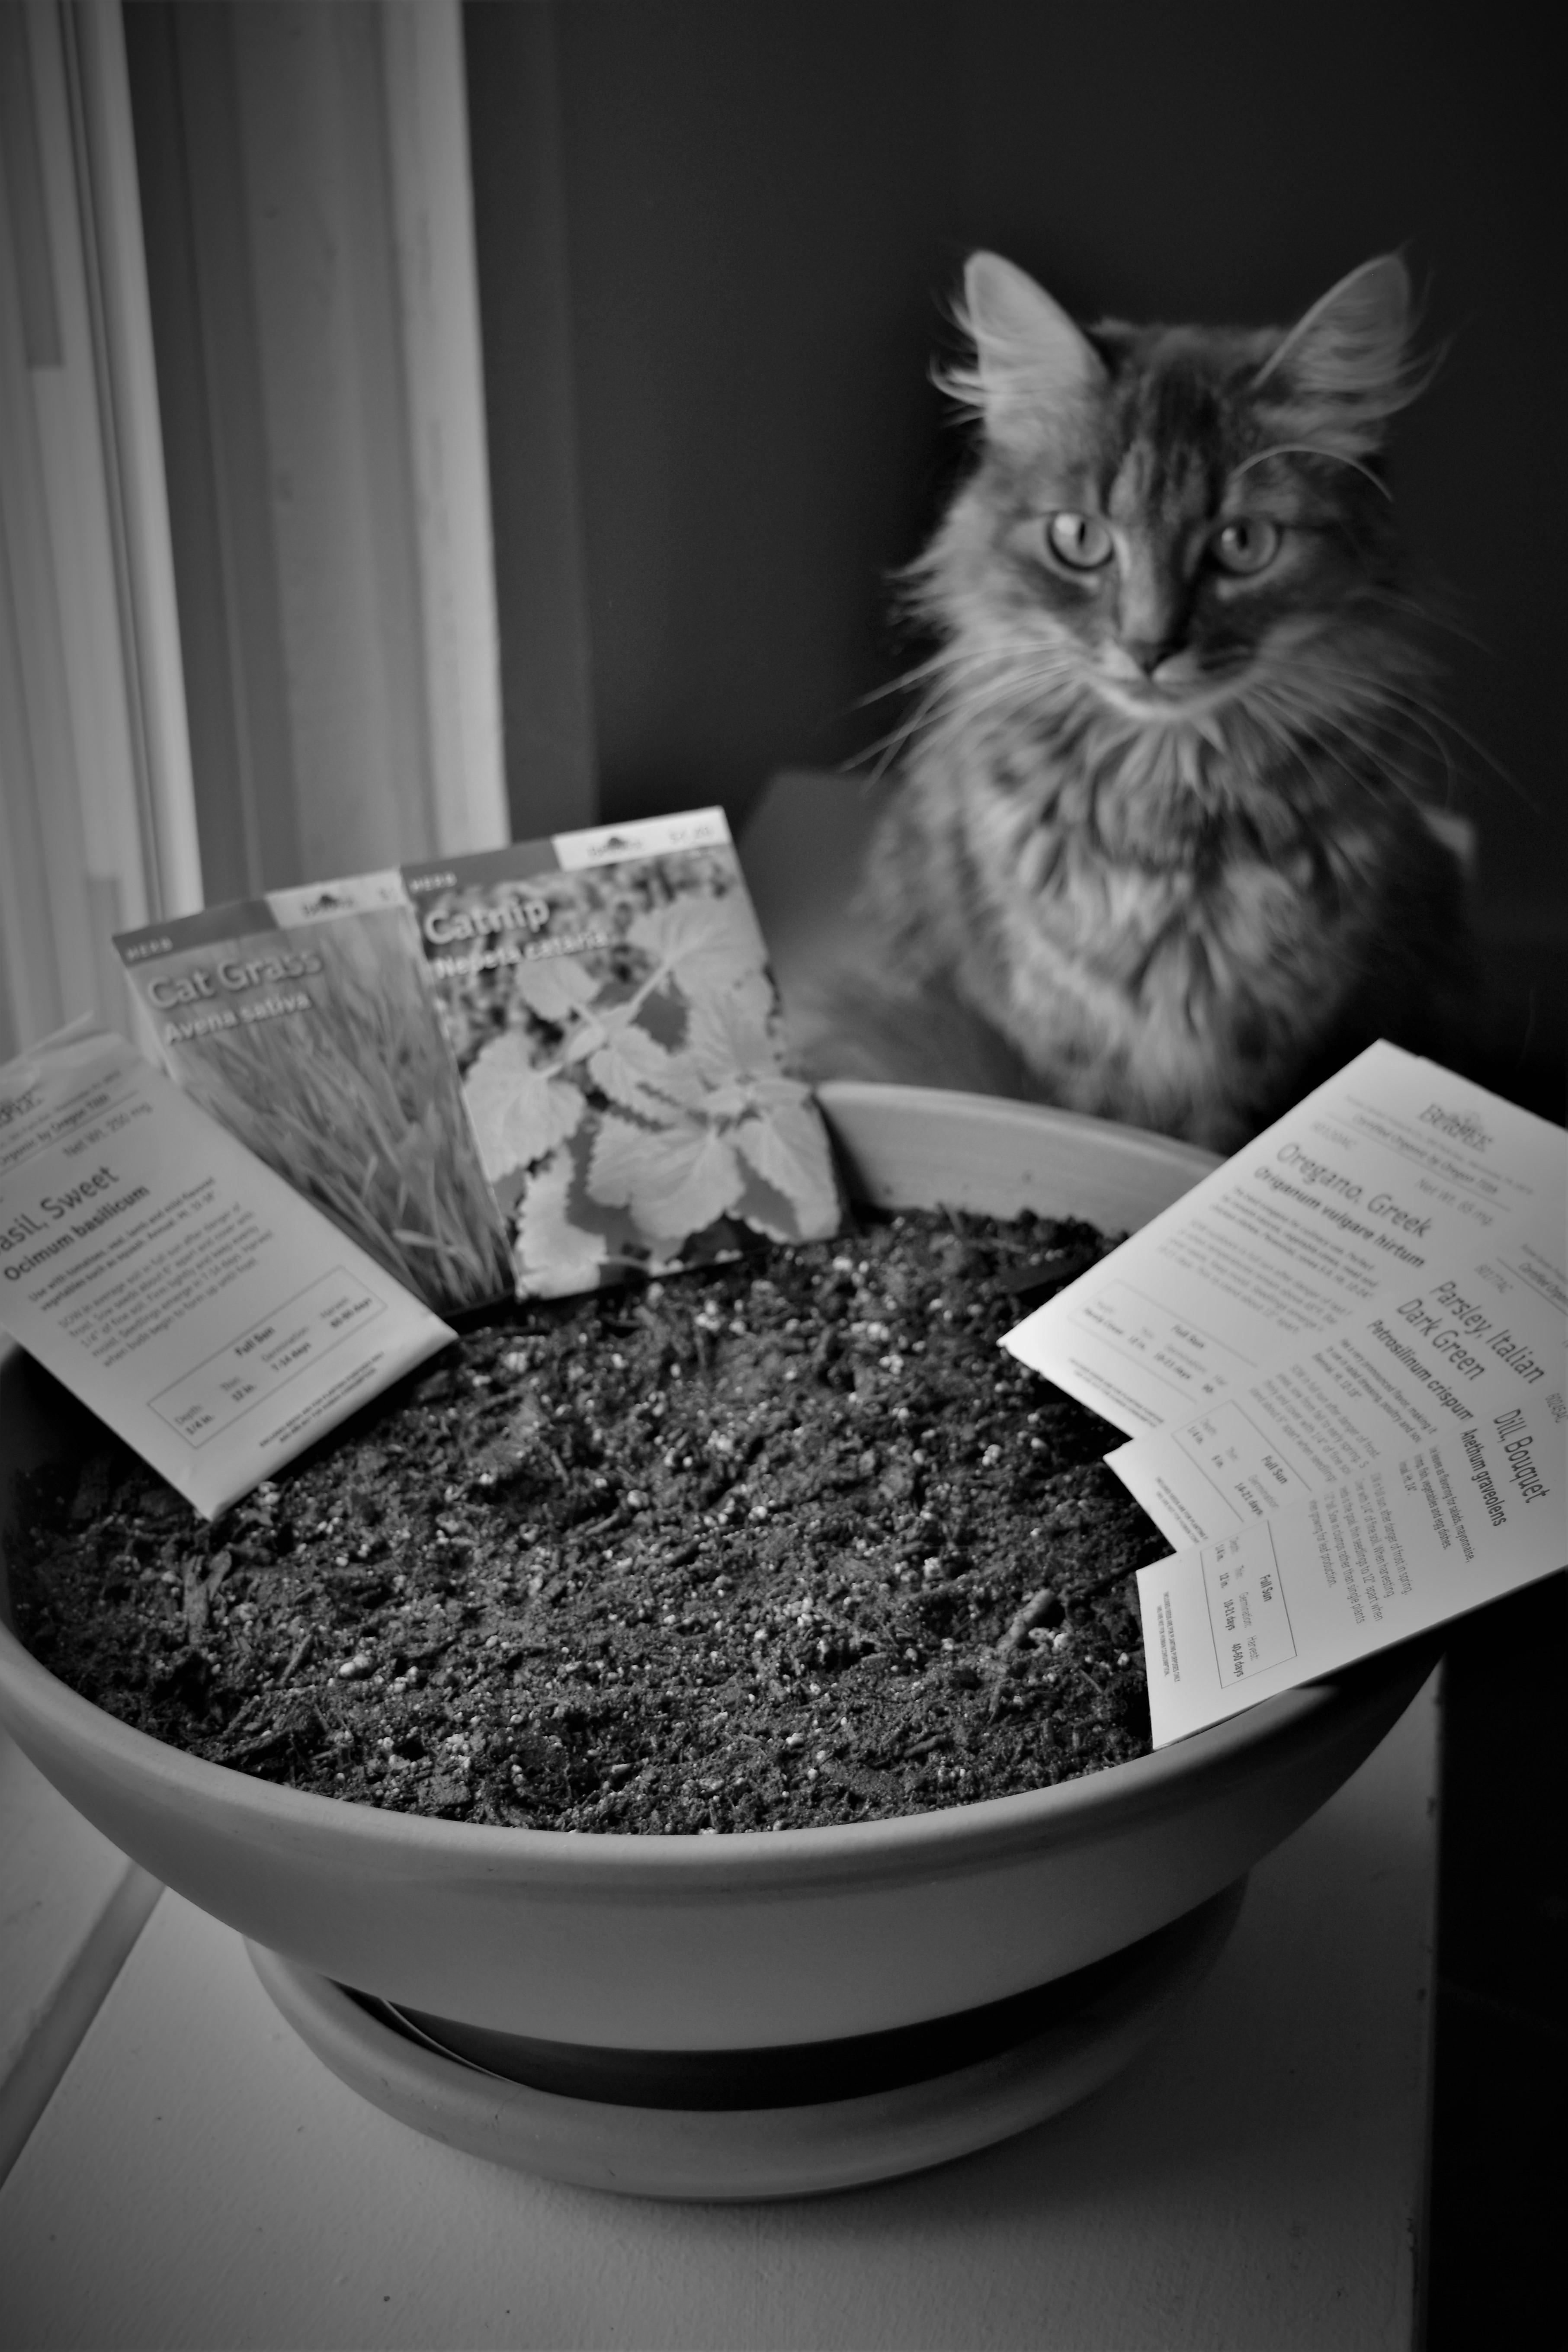 Kitty garden